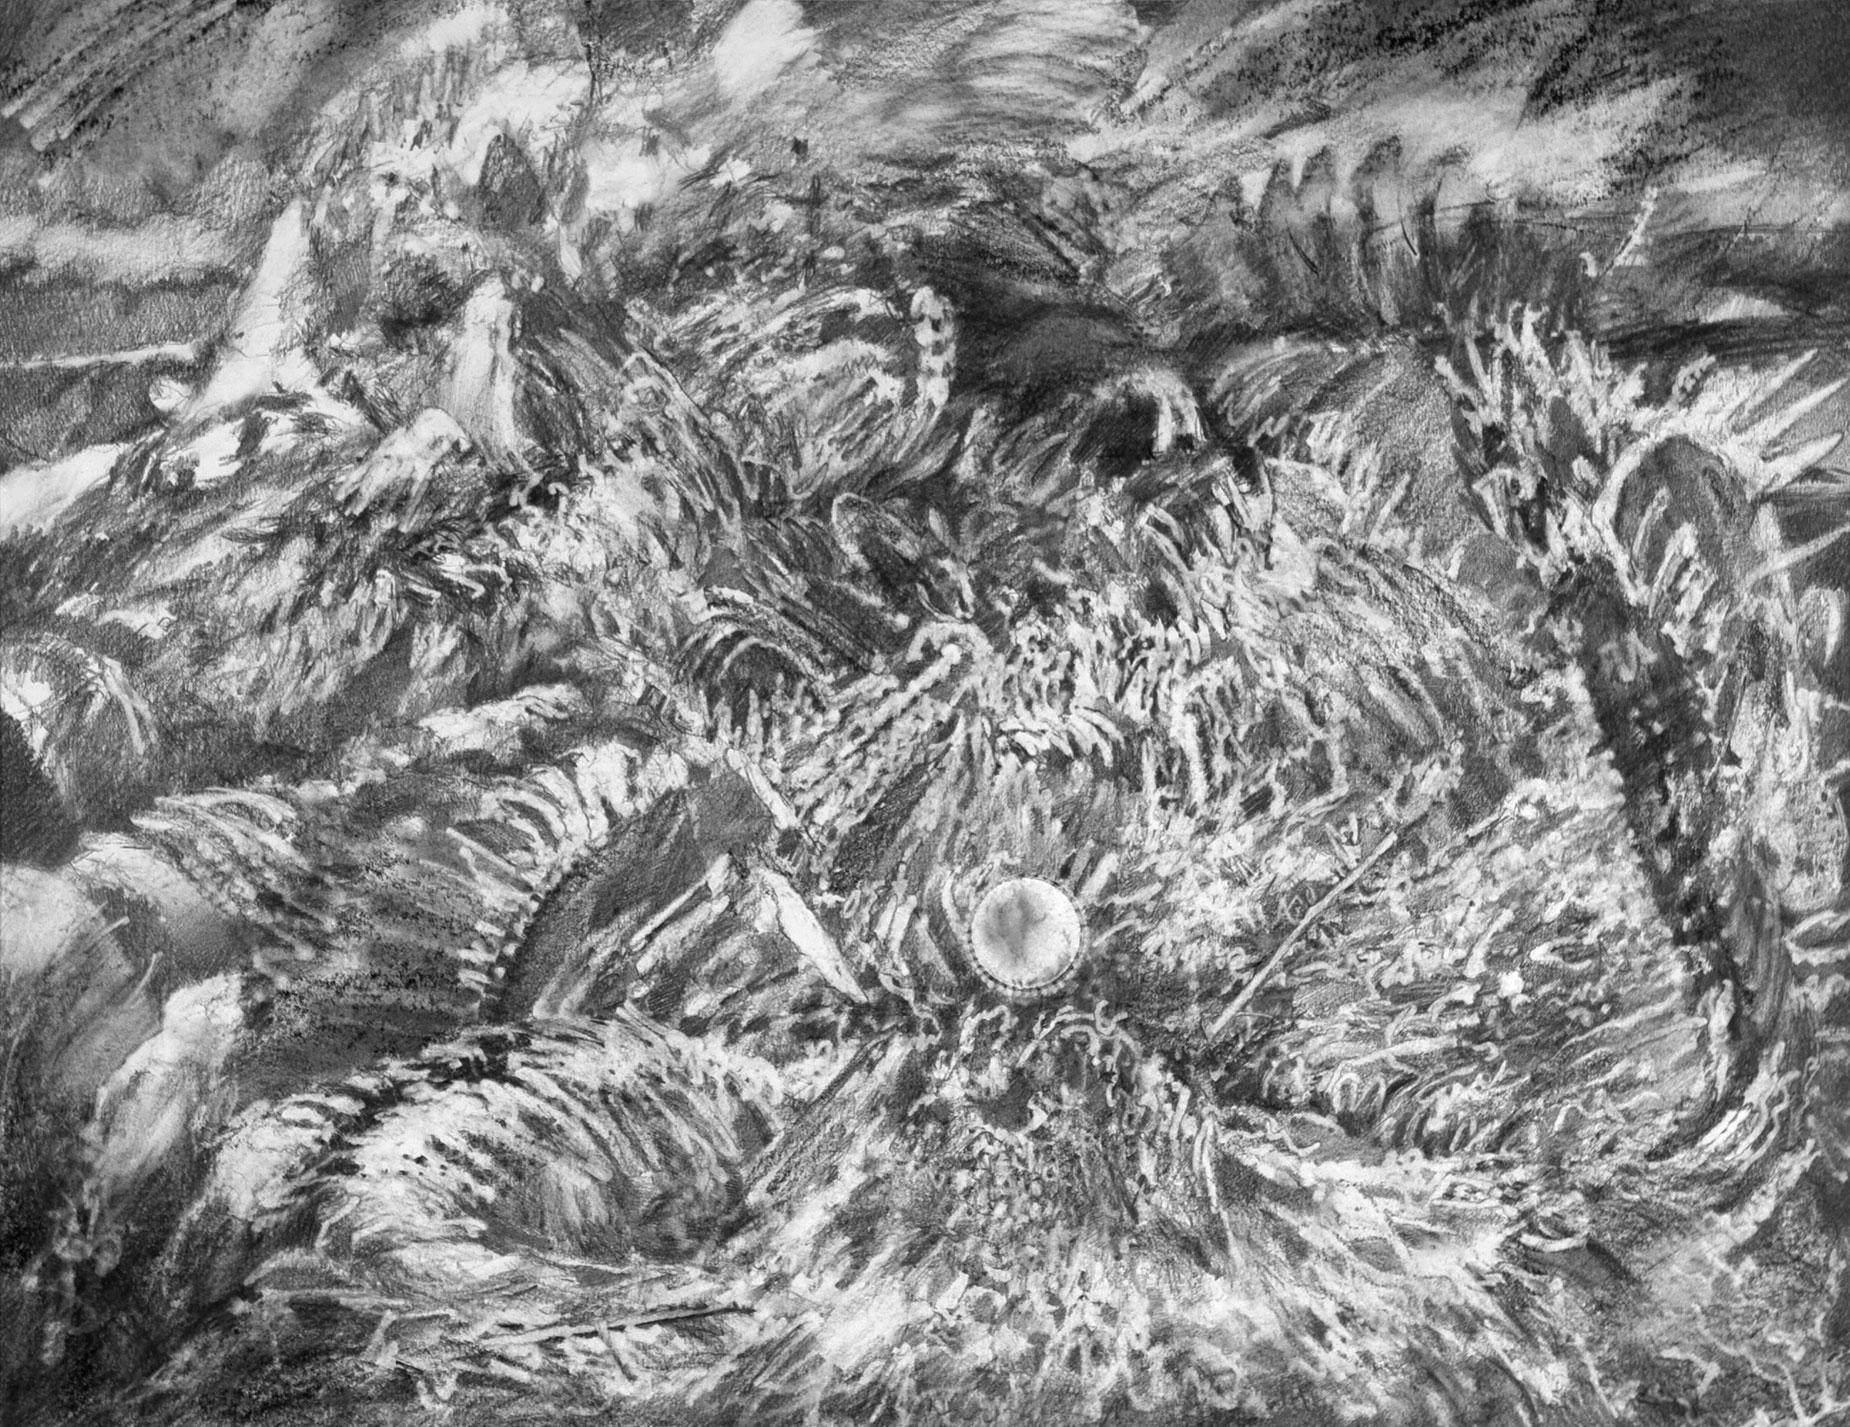 Moment - Richard Jacobi Drawings - The Mythologies